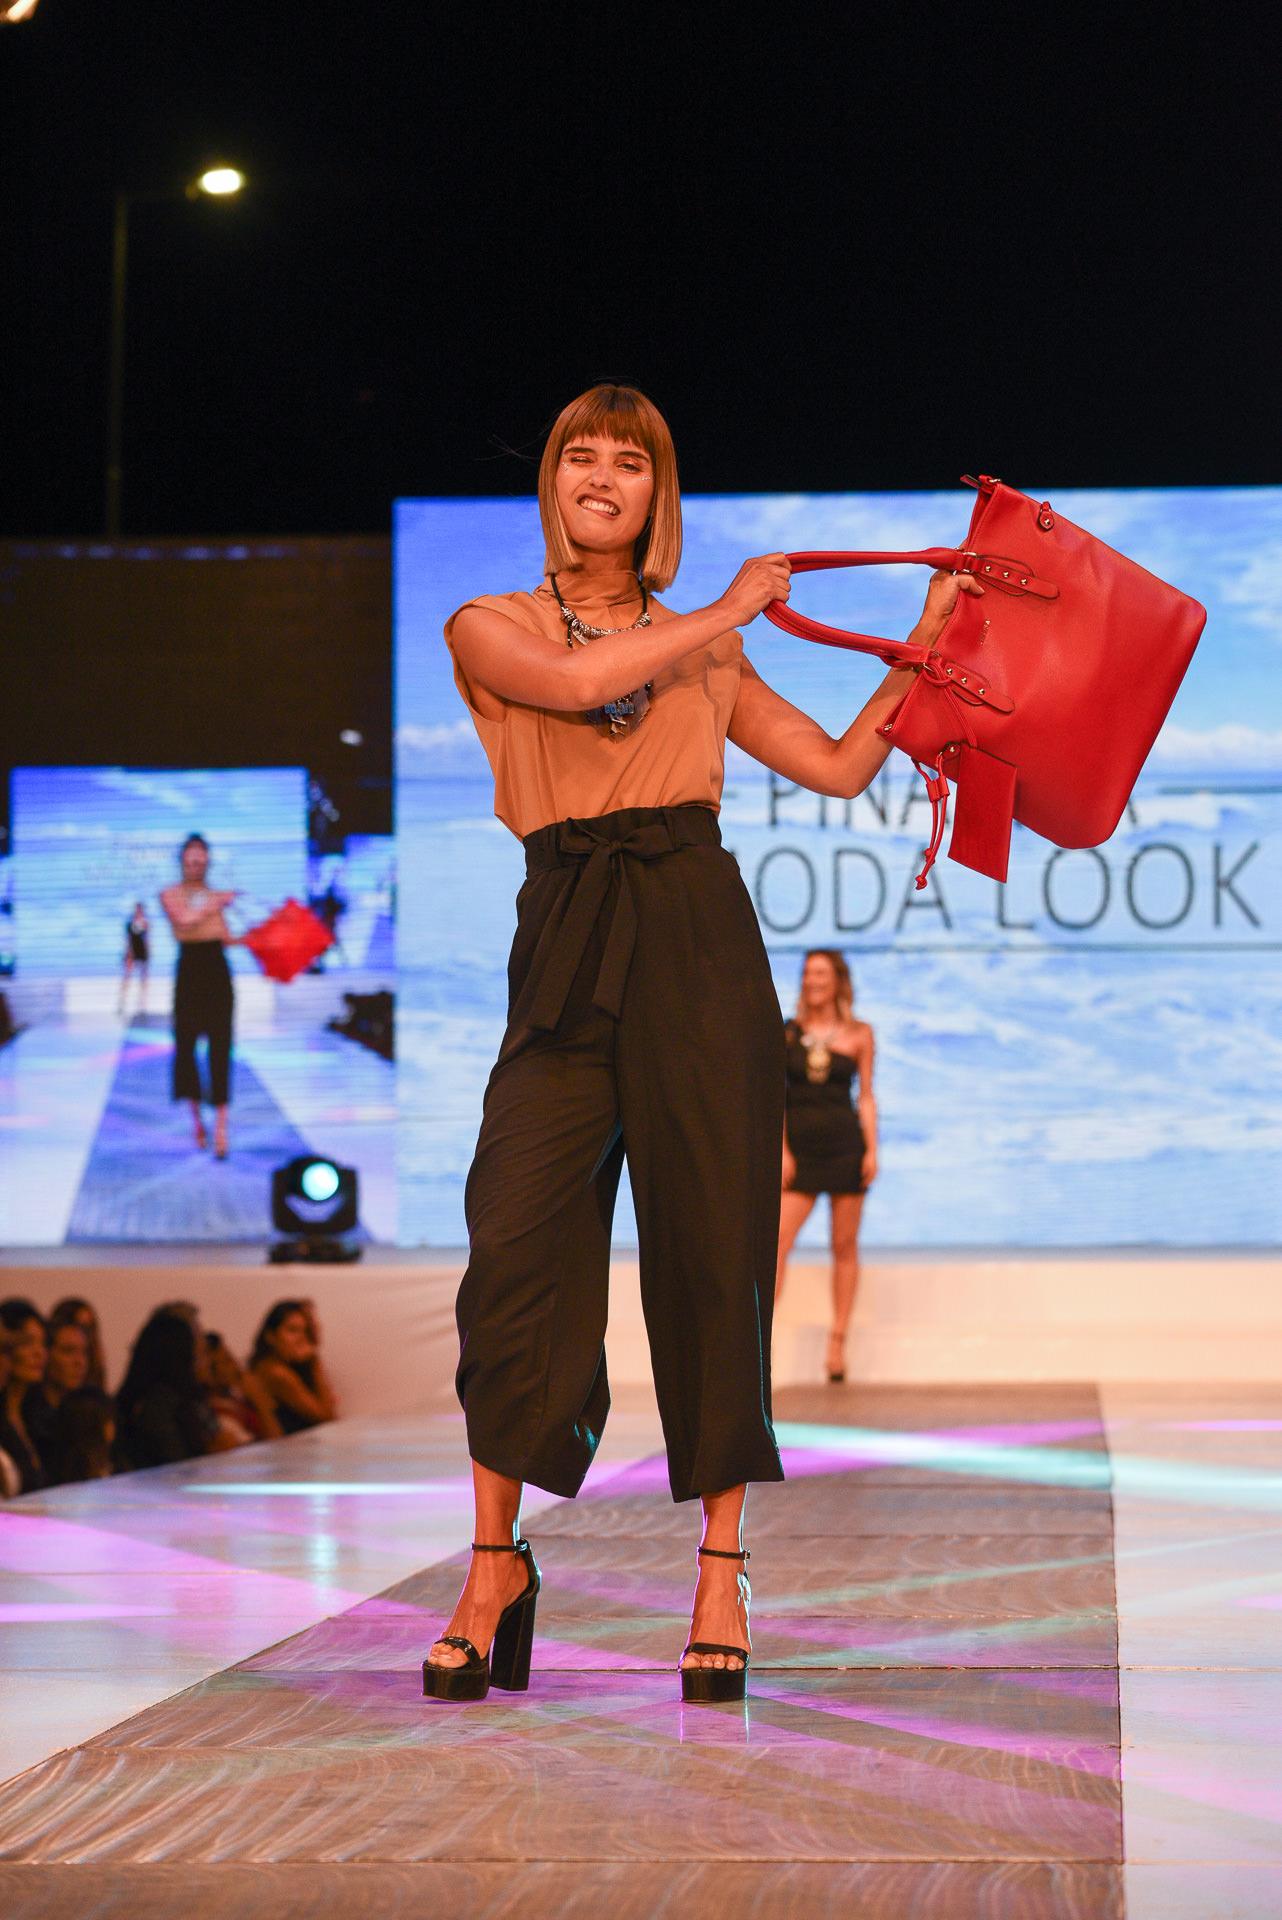 Andrea Donnay, la diseñadora de accesorios con estilo propio, fue la siguiente en presentarse. En su pasada abundaron los cinturones, collares, vinchas y aros XXL